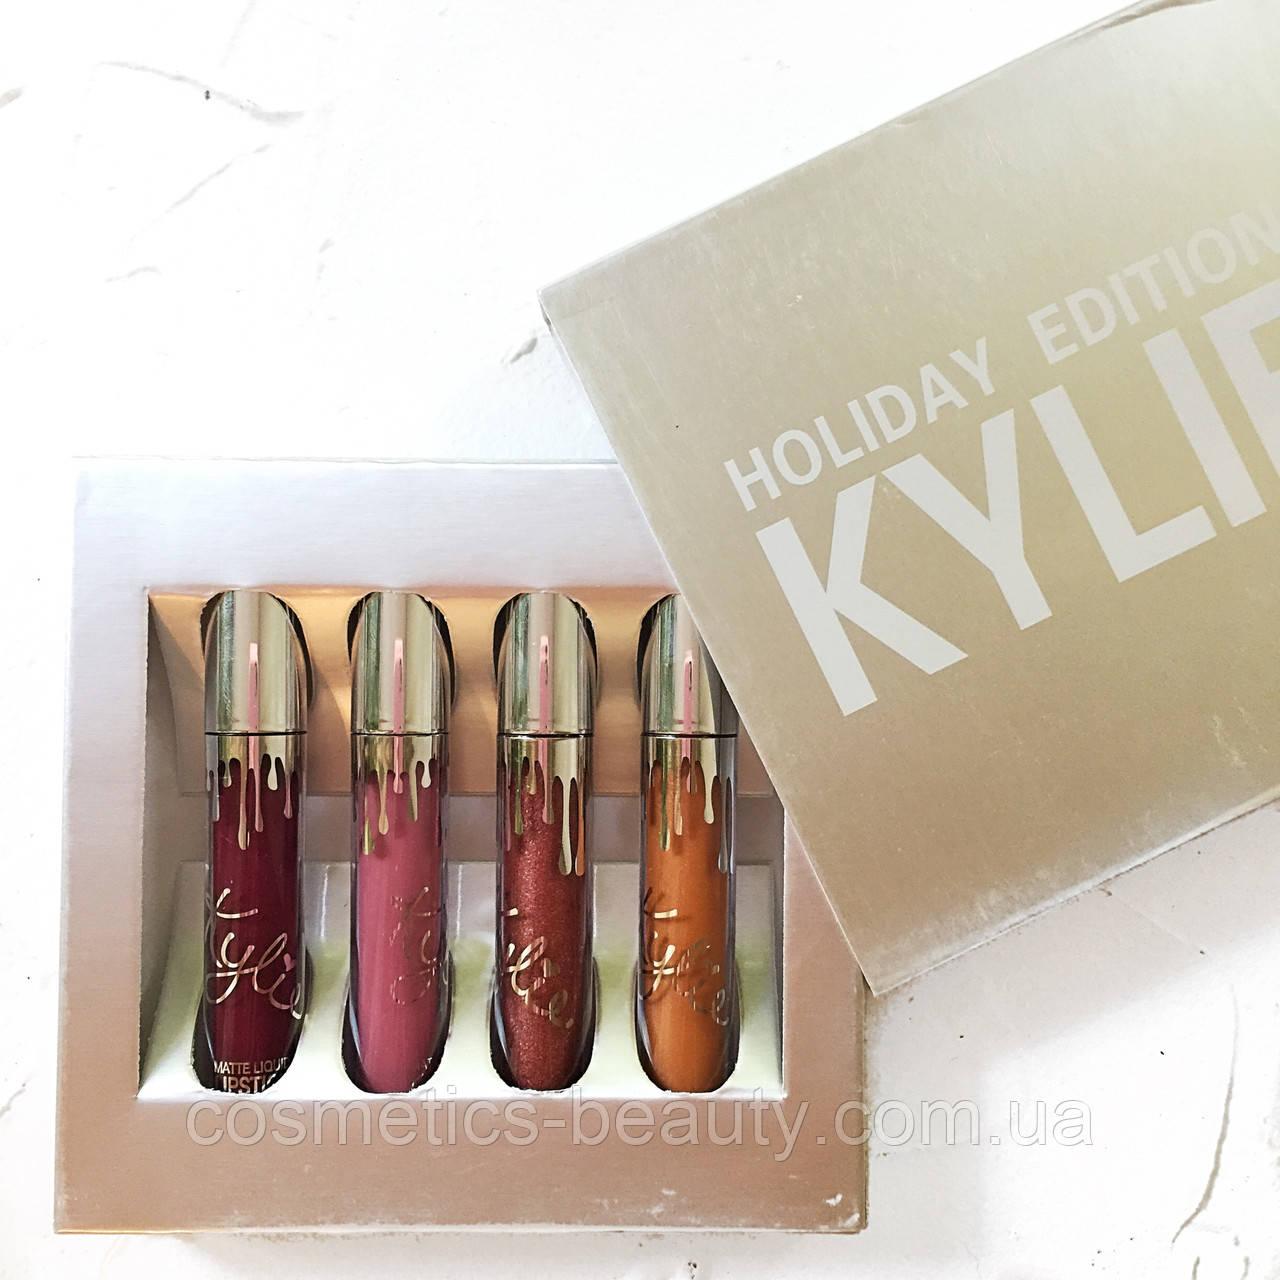 Матовые помады Kylie Holiday Edition (4шт.) (реплика)., фото 1